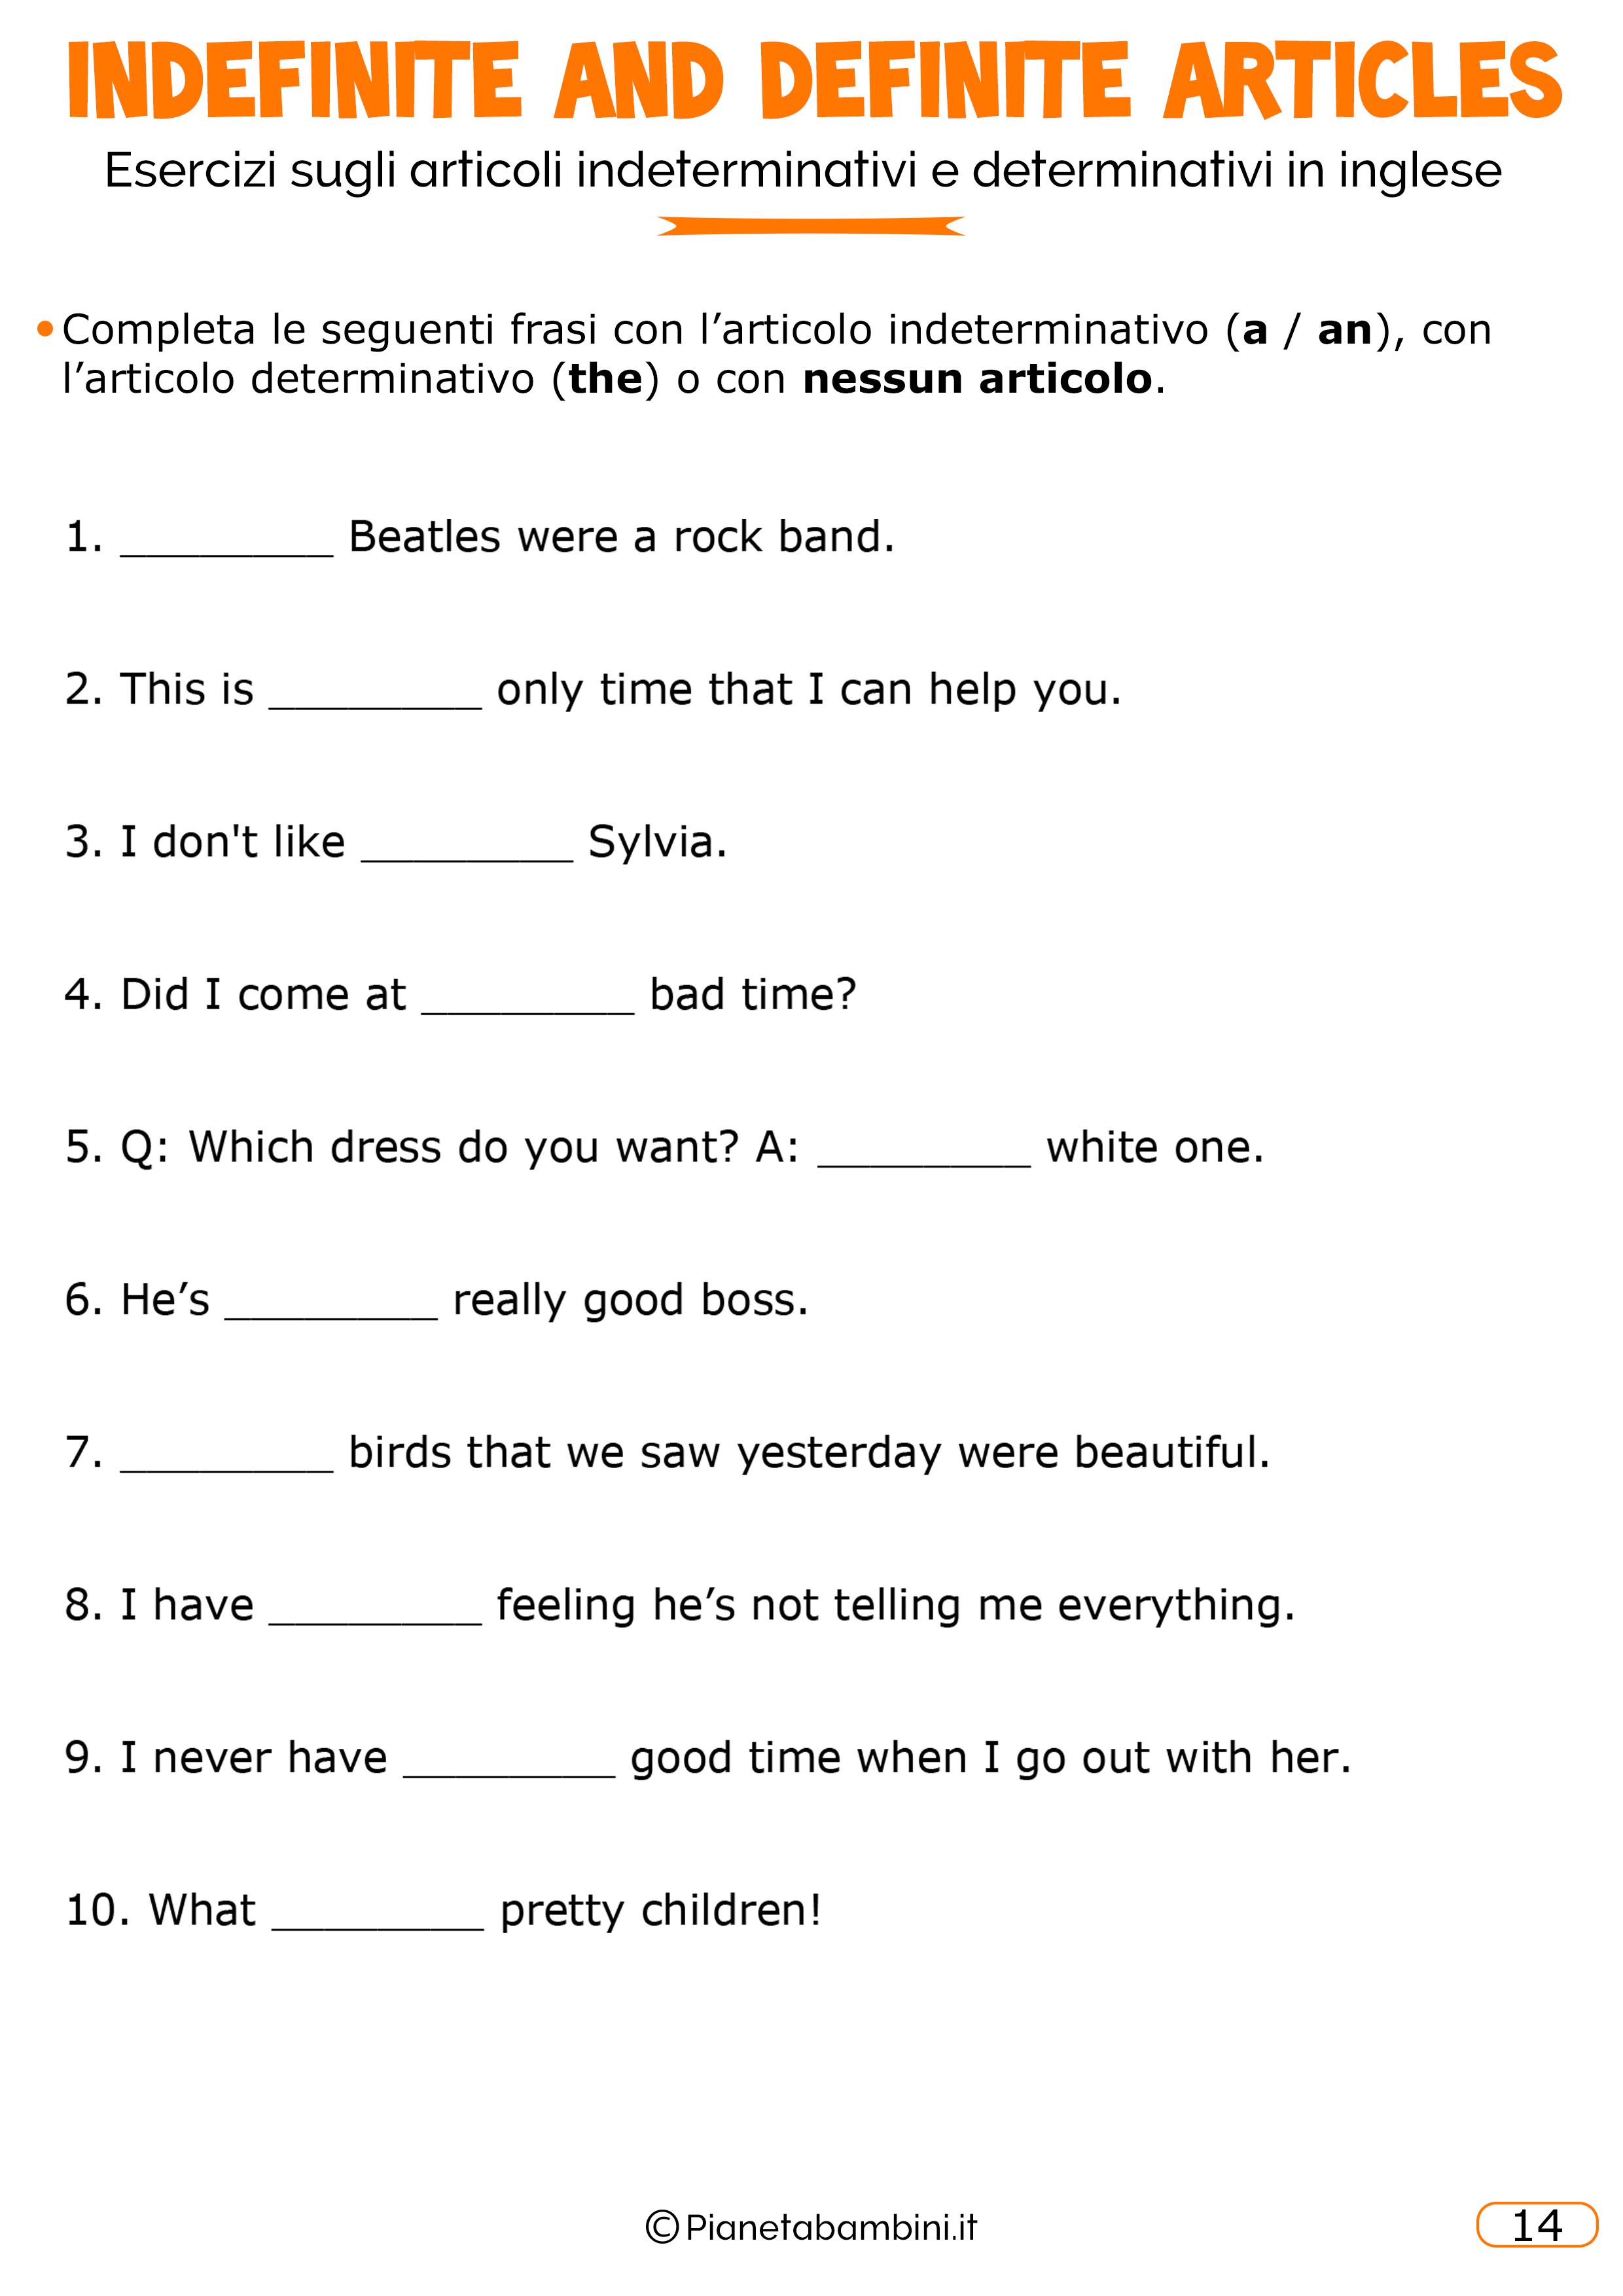 Esercizi-Articoli-Inglese-14